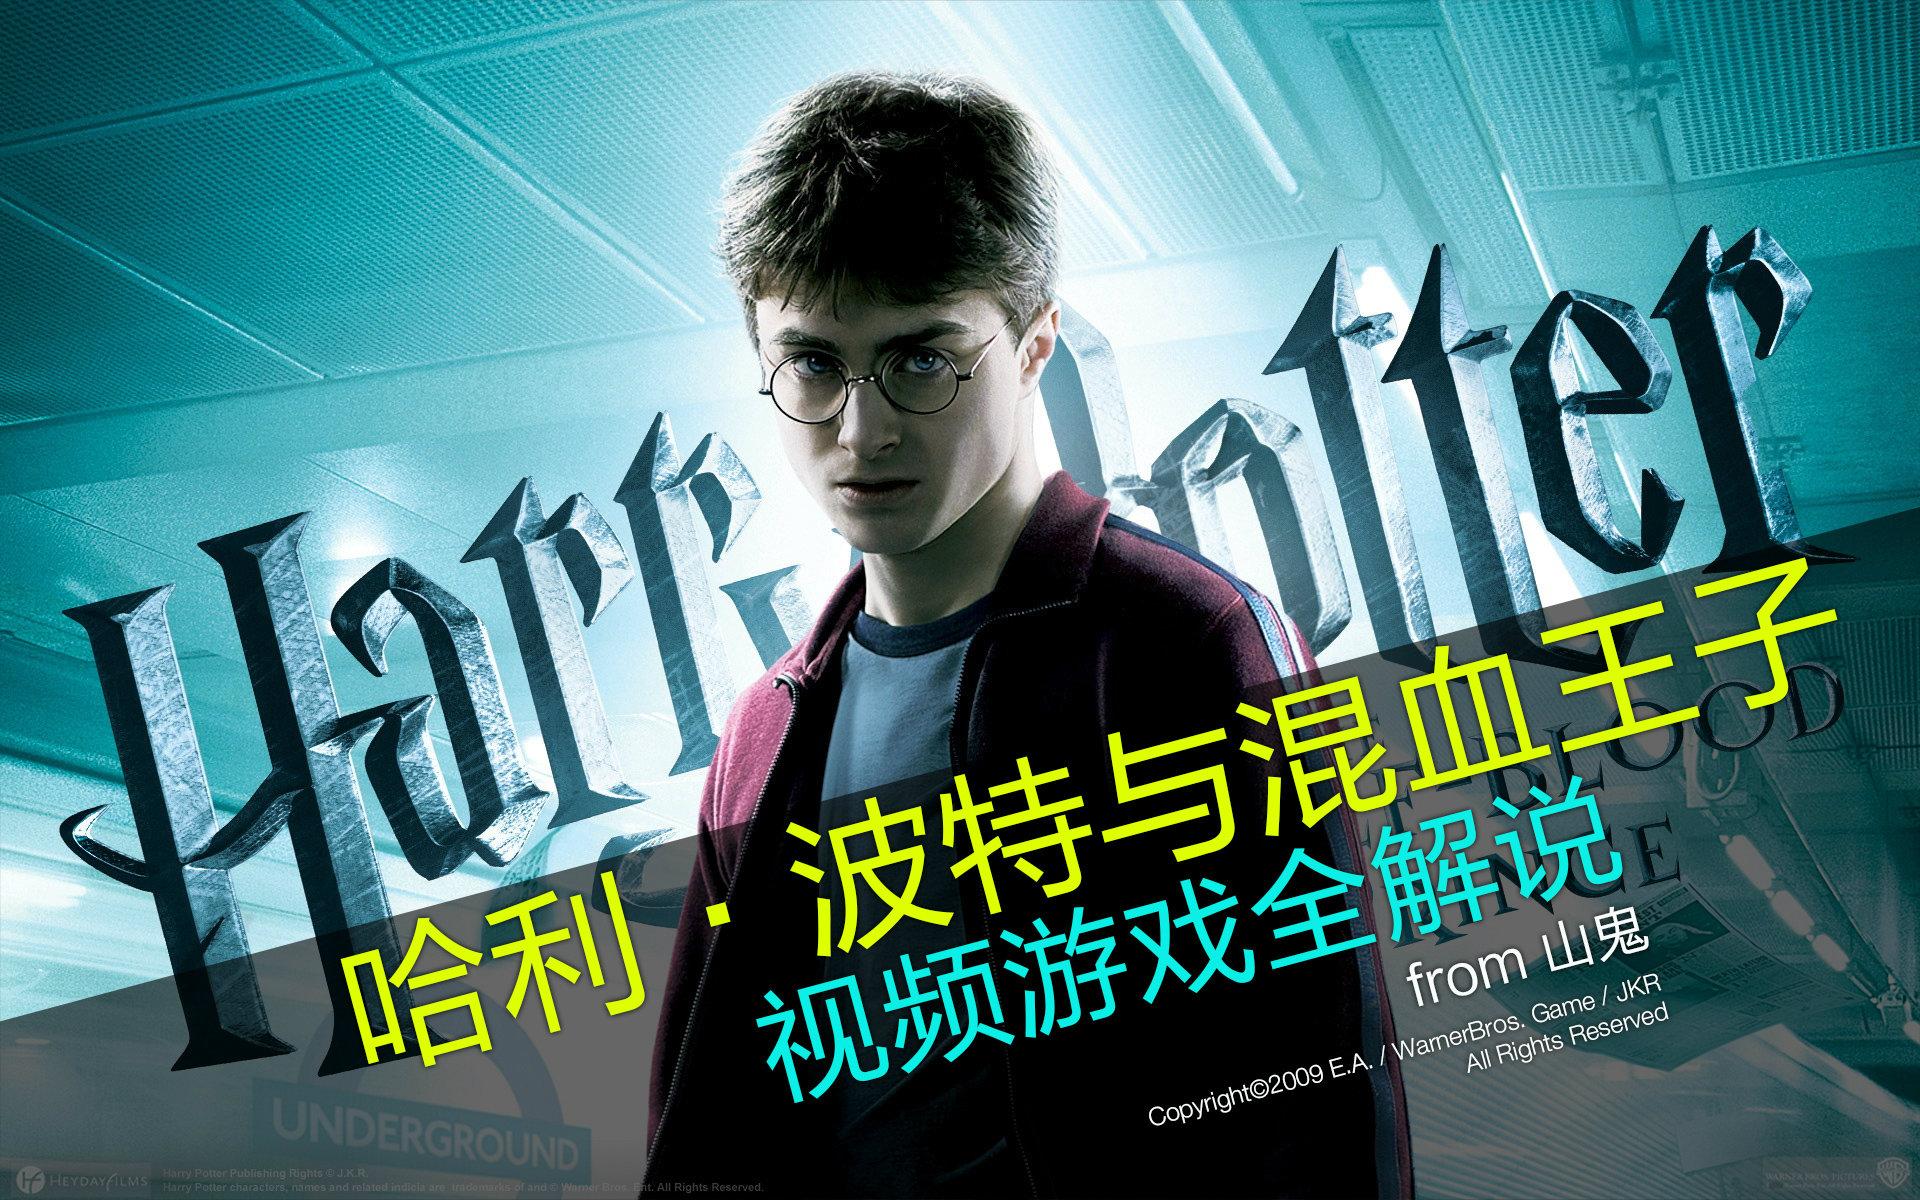 哈利波特与混血王子 海报